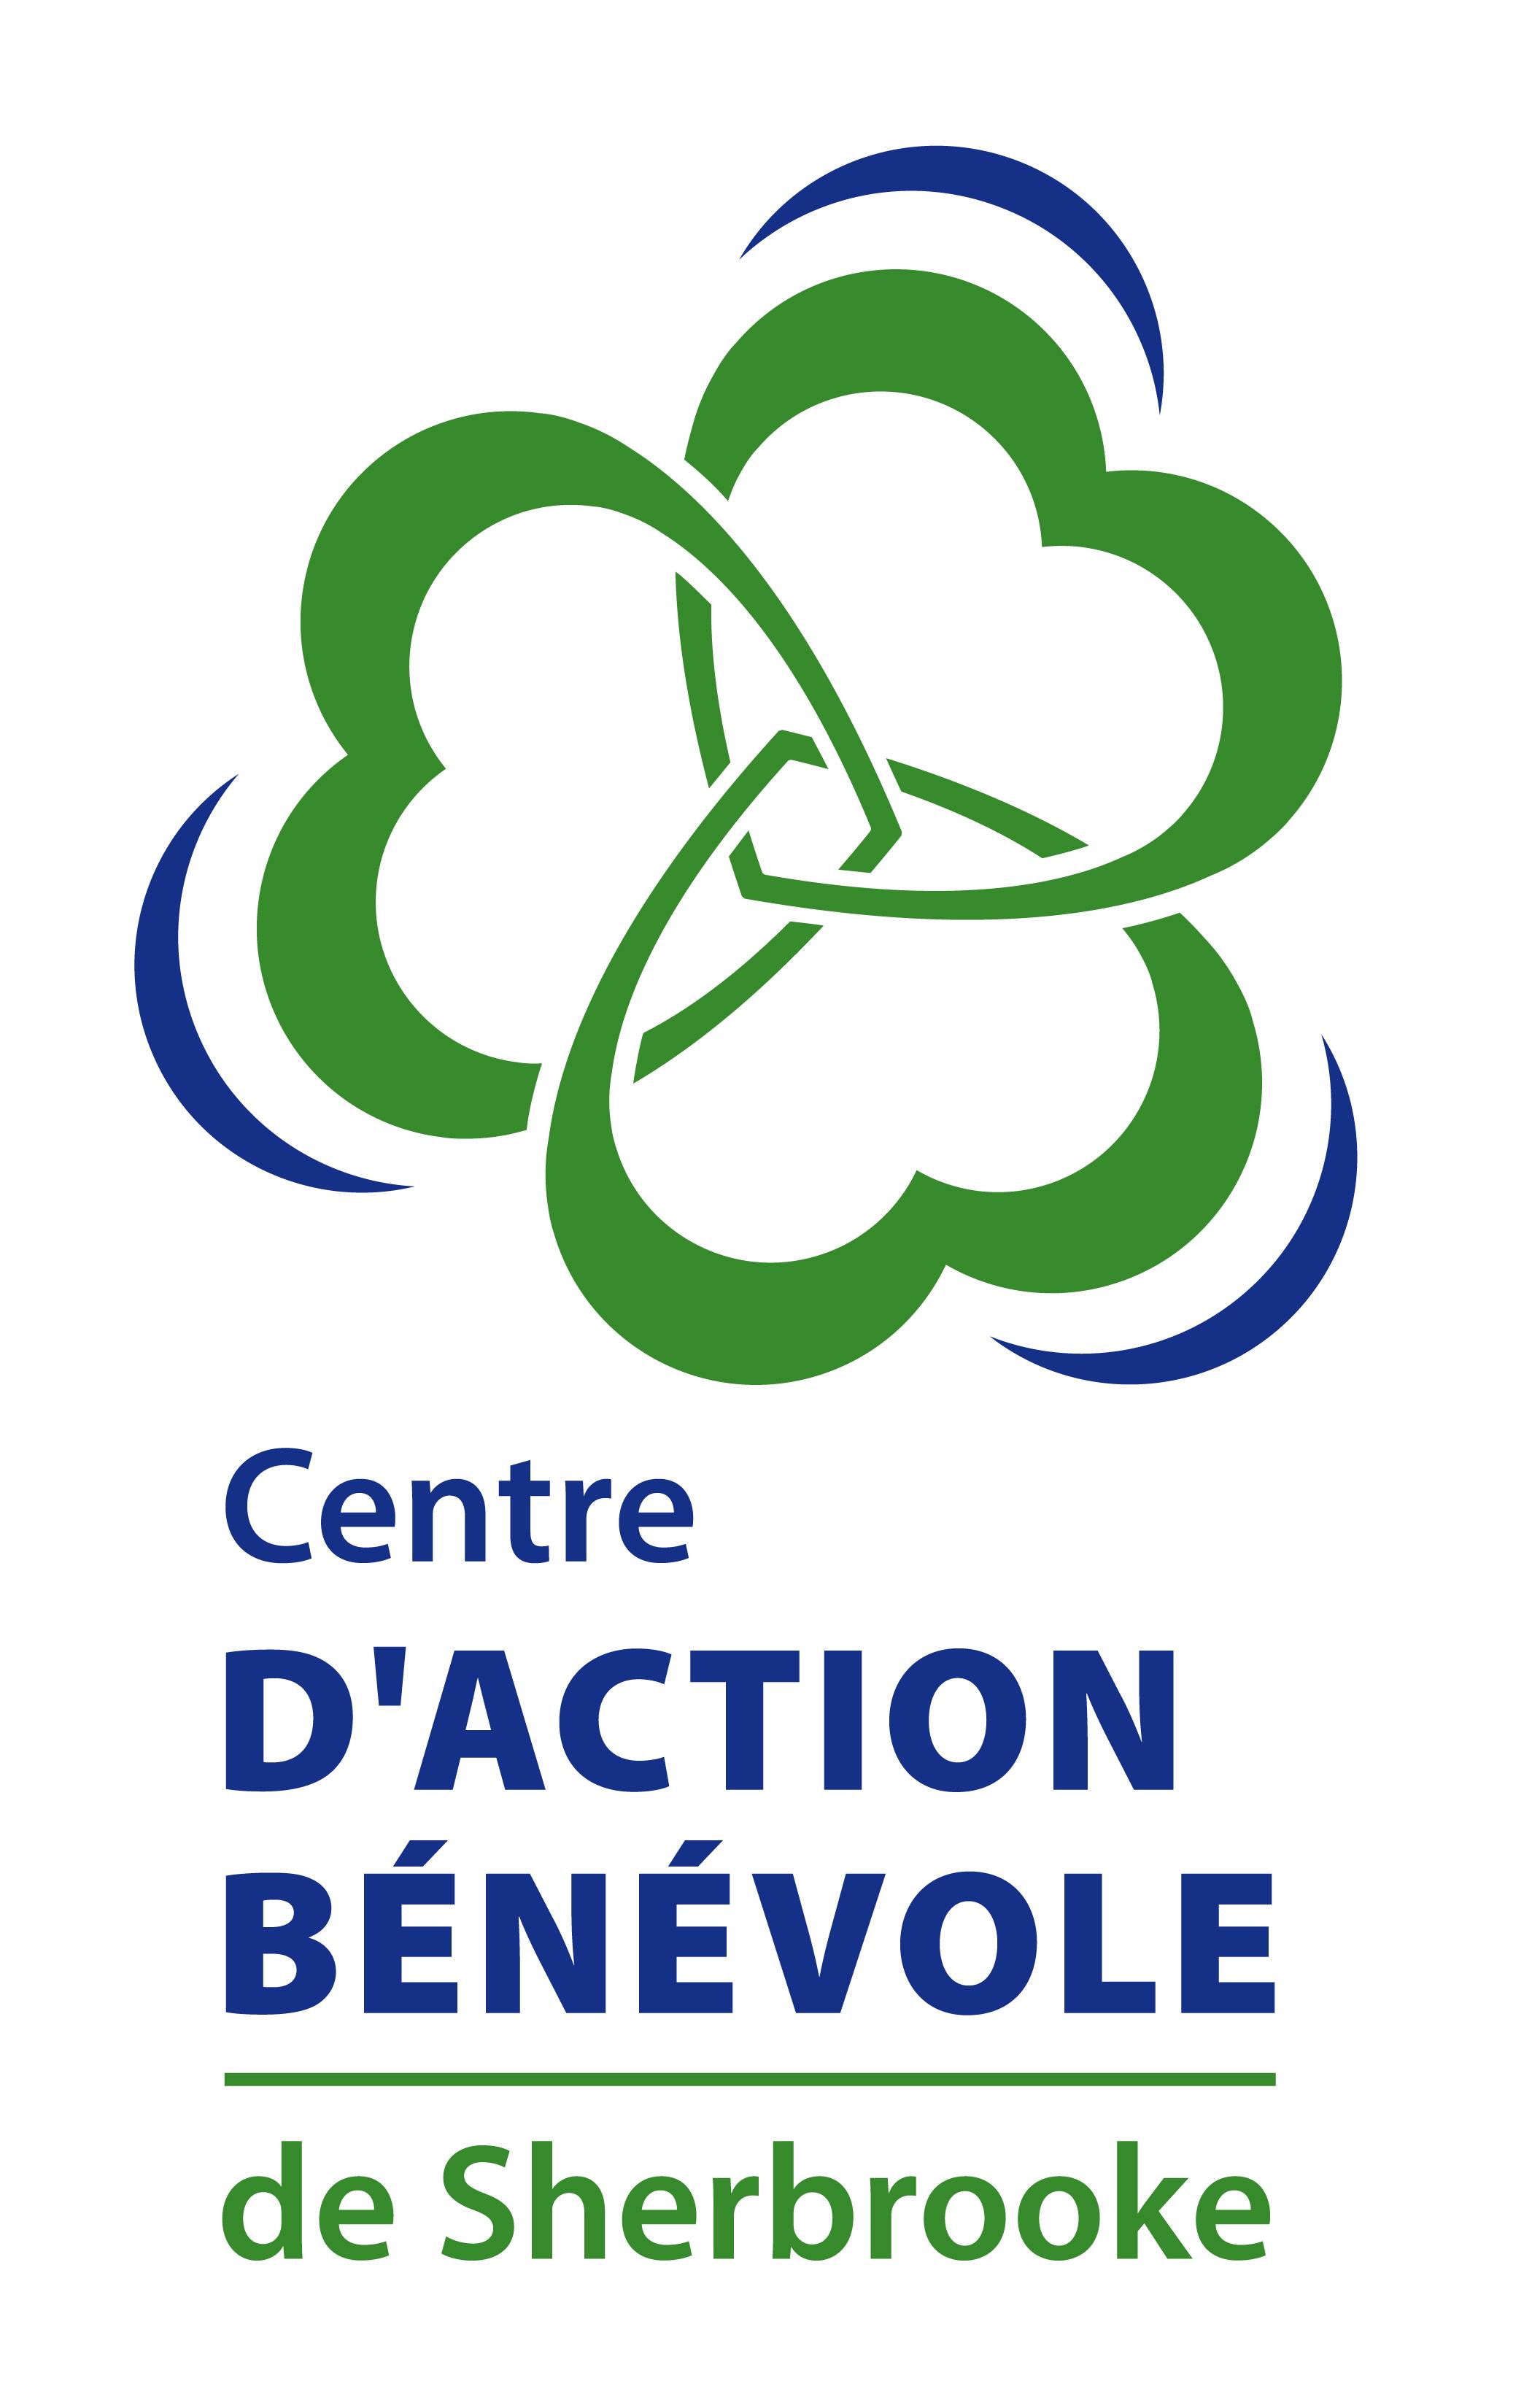 Centre d'action bénévole de Sherbrooke